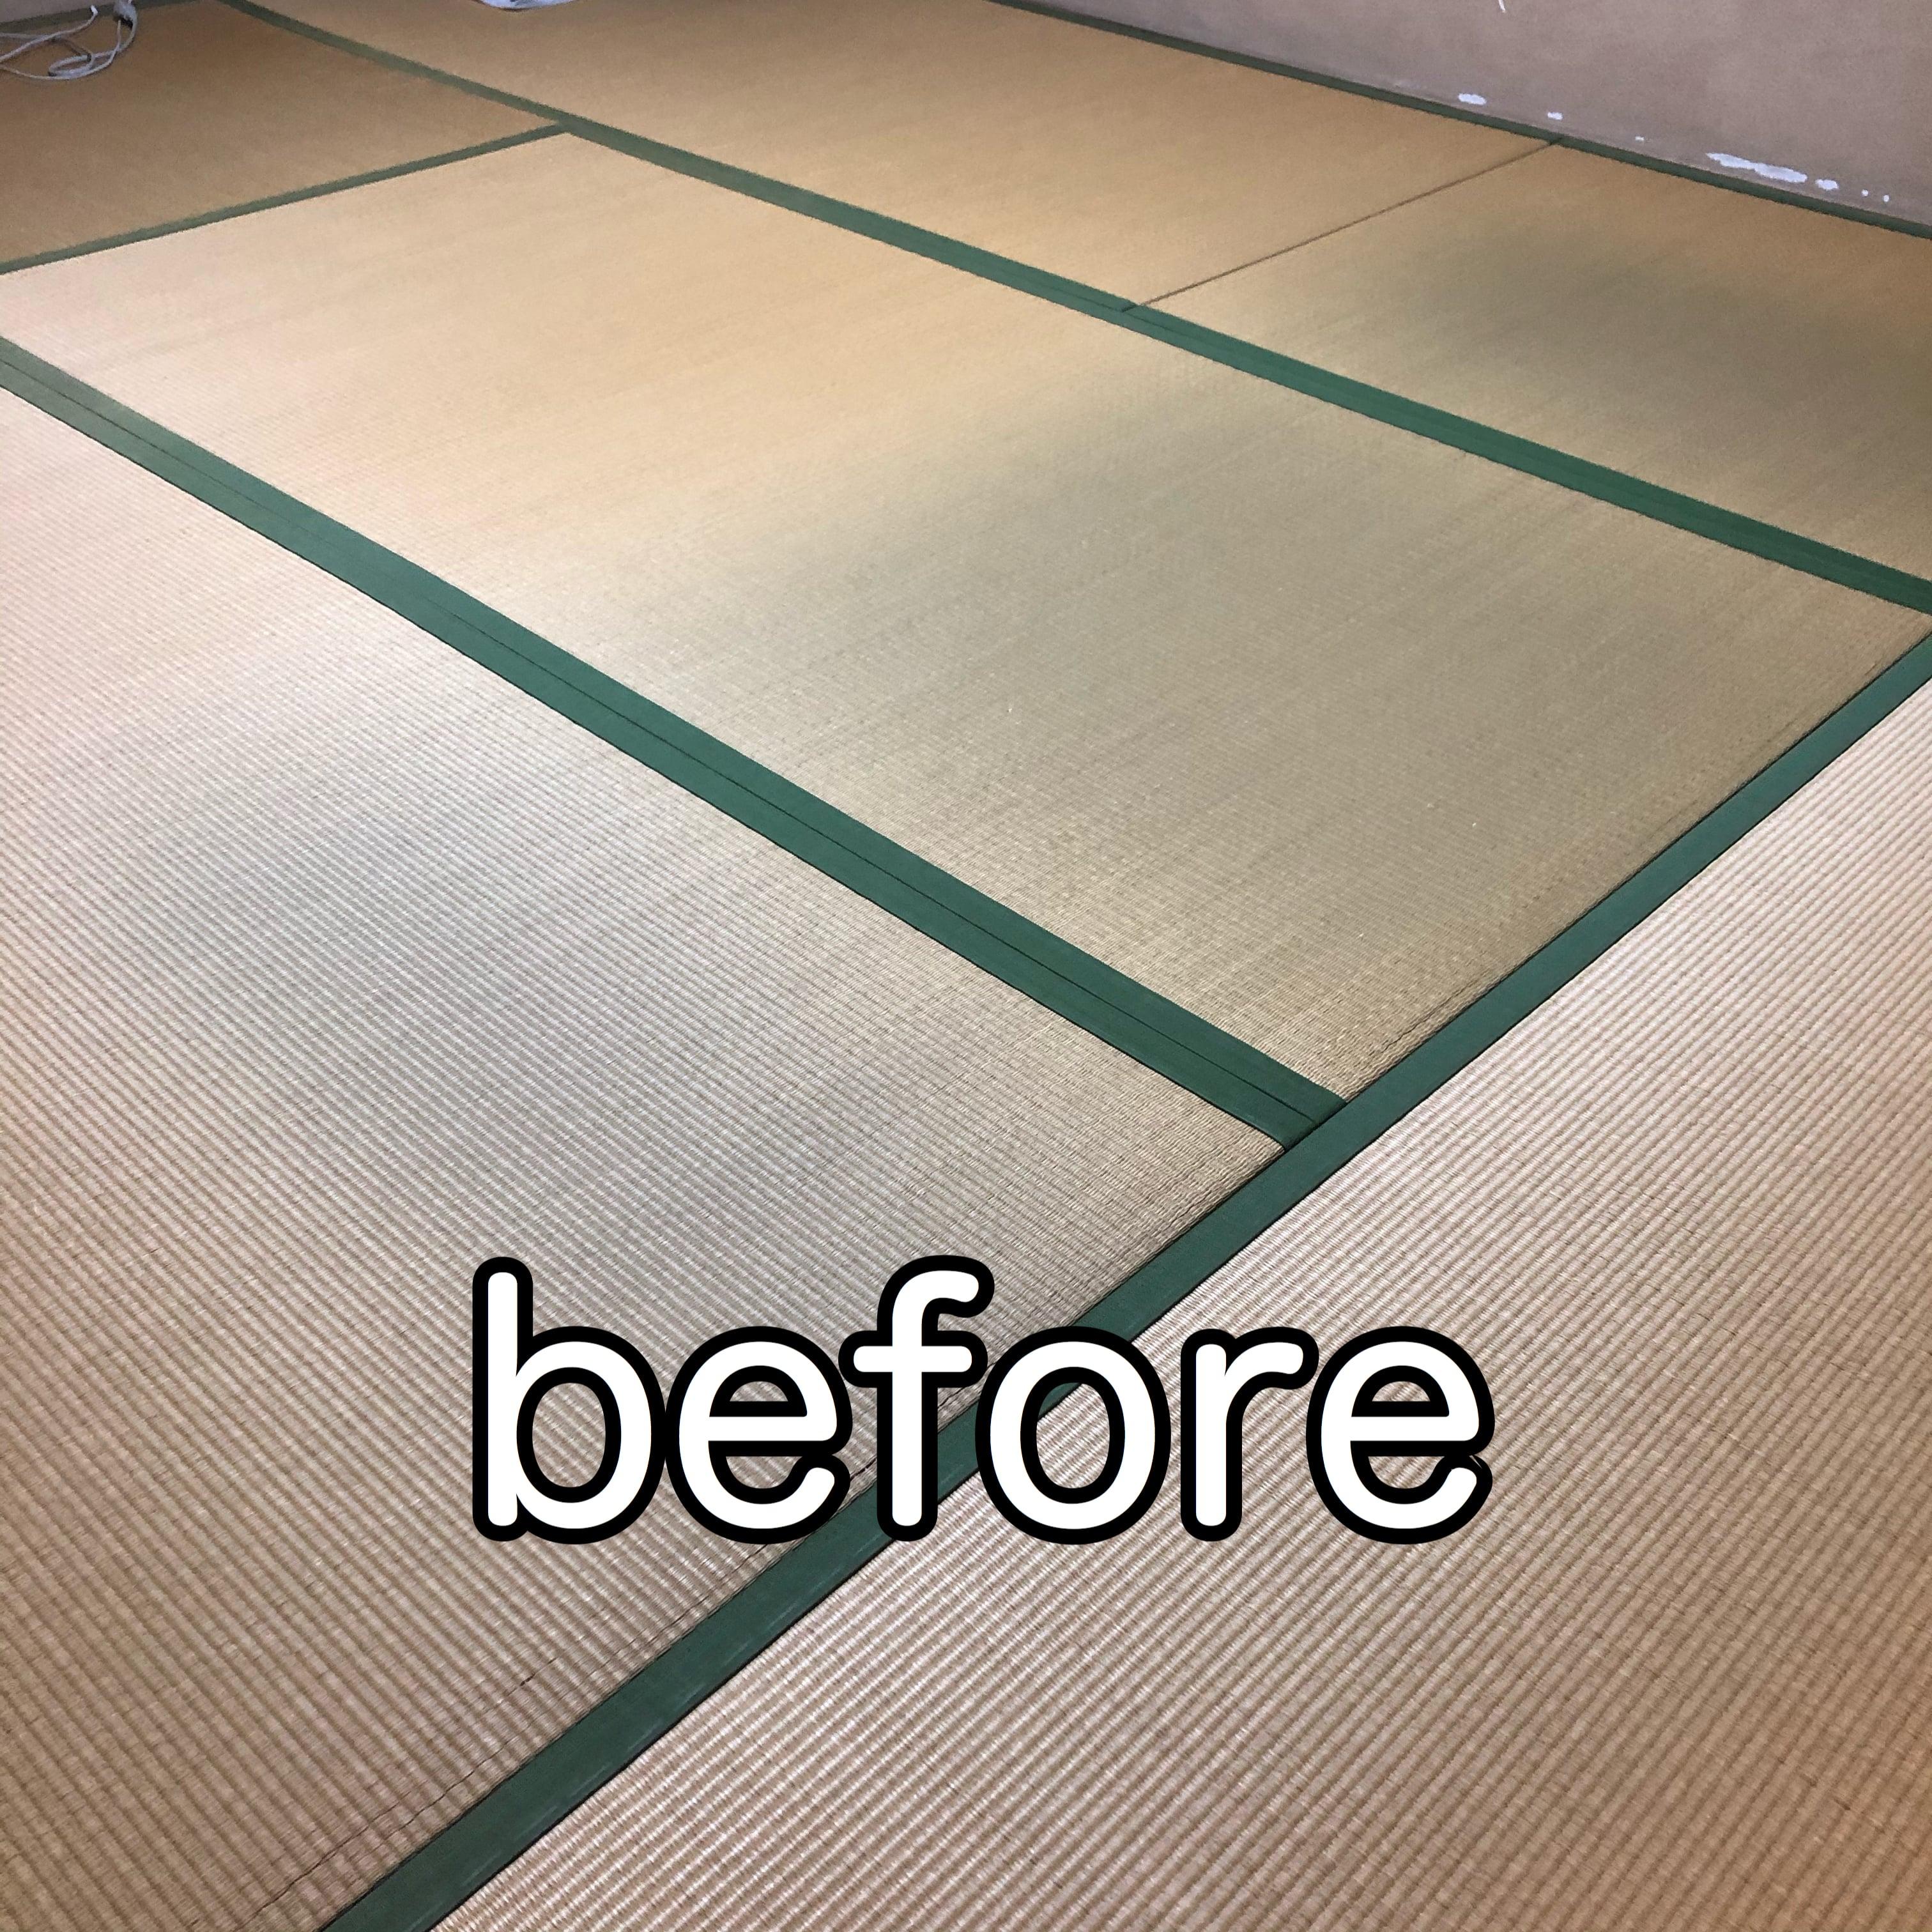 ゴルフパター練習用/畳パターマット/畳部屋がゴルフの練習所に!!のイメージその2